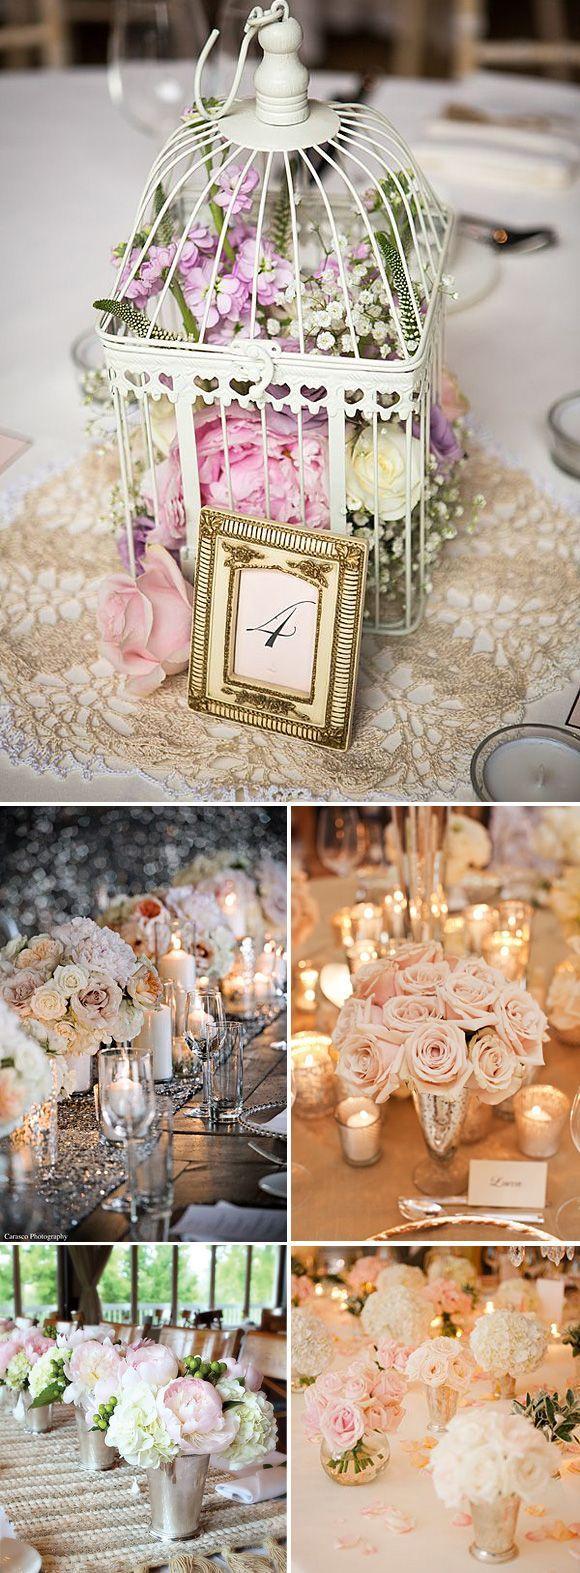 Los centros de mesa con flores son un adorno perfecto para nuestra boda